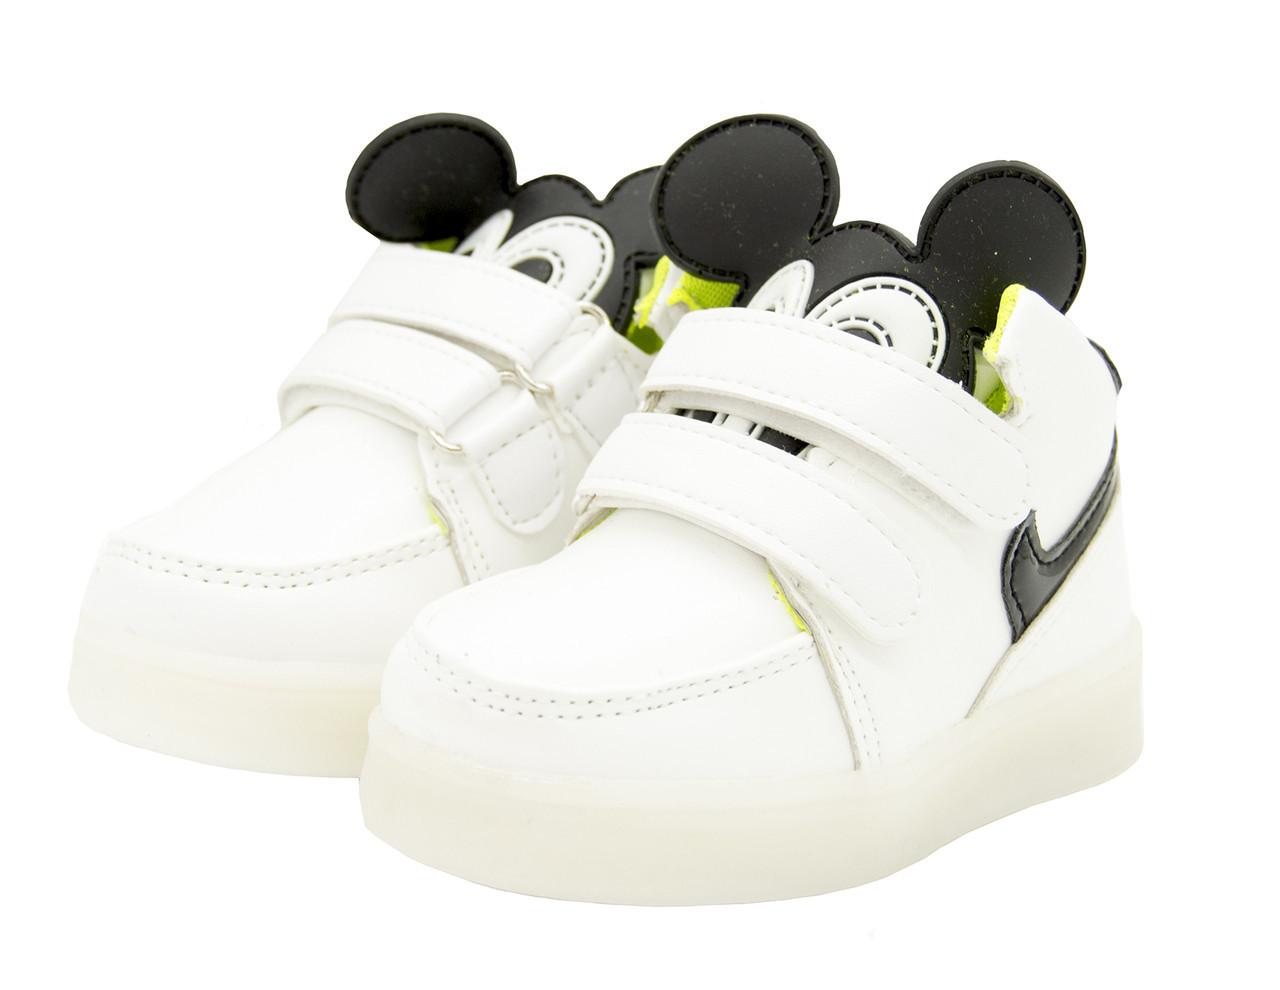 Кроссовки детские светящиеся белые Размеры: 23